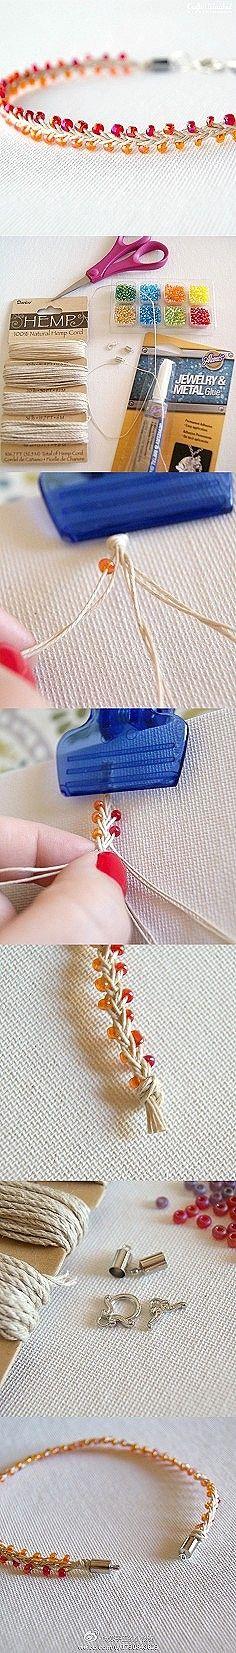 手工DIY 步骤 手链 创意 简单漂亮的手链,学习一下吧